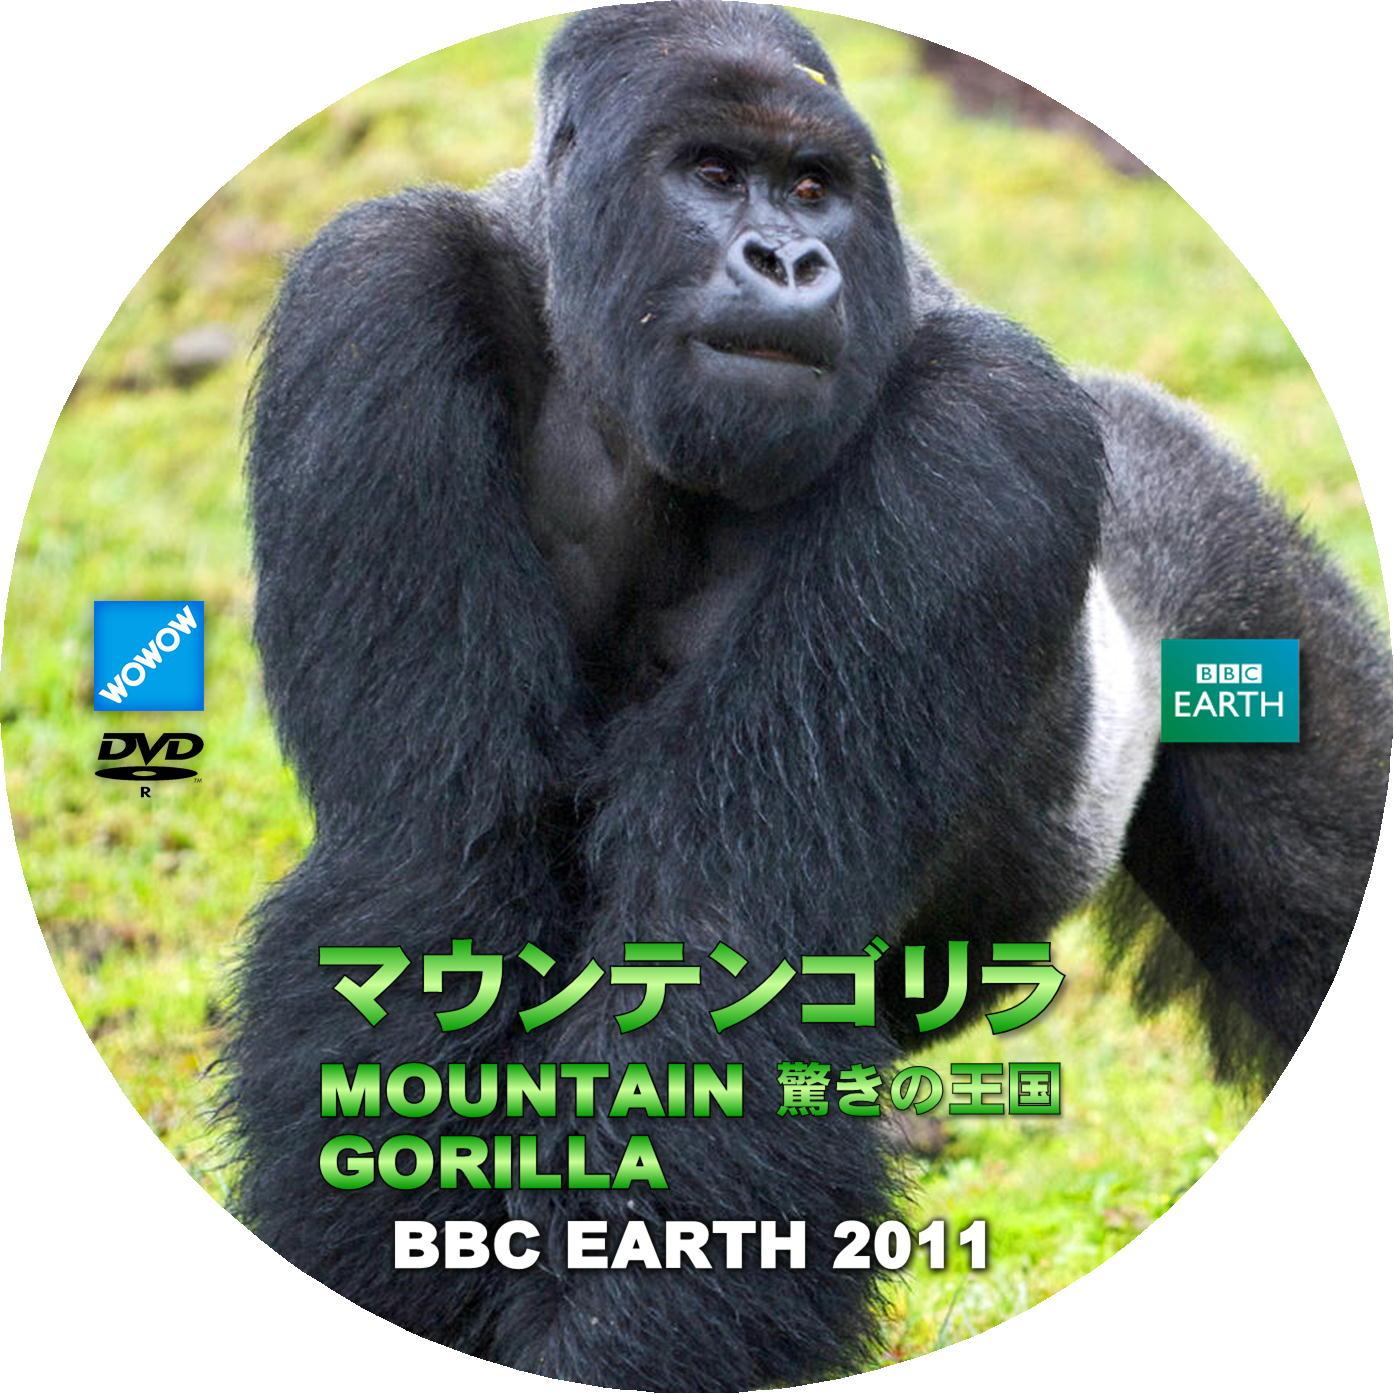 BBC EARTH 2011 マウンテンゴリラ 驚きの王国 DVDラベル